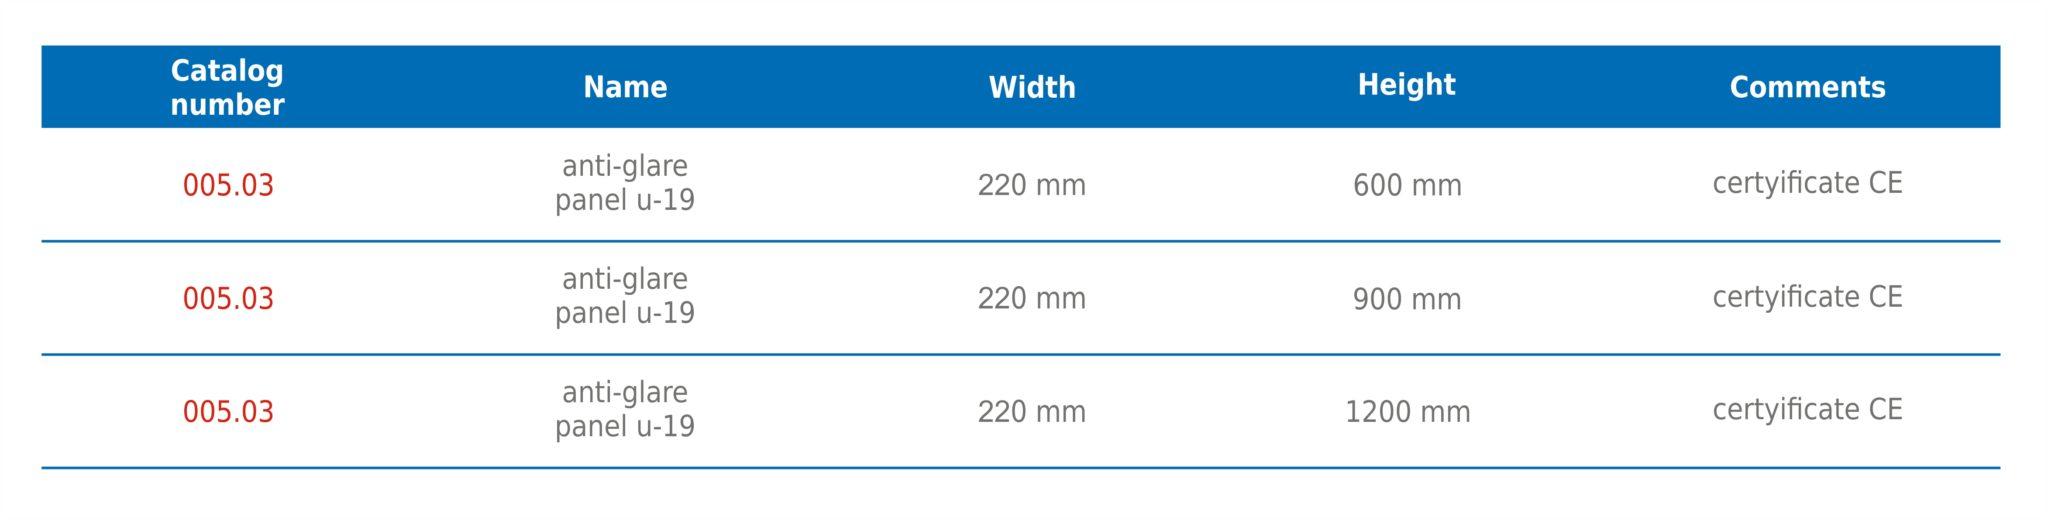 anti-glare-panel